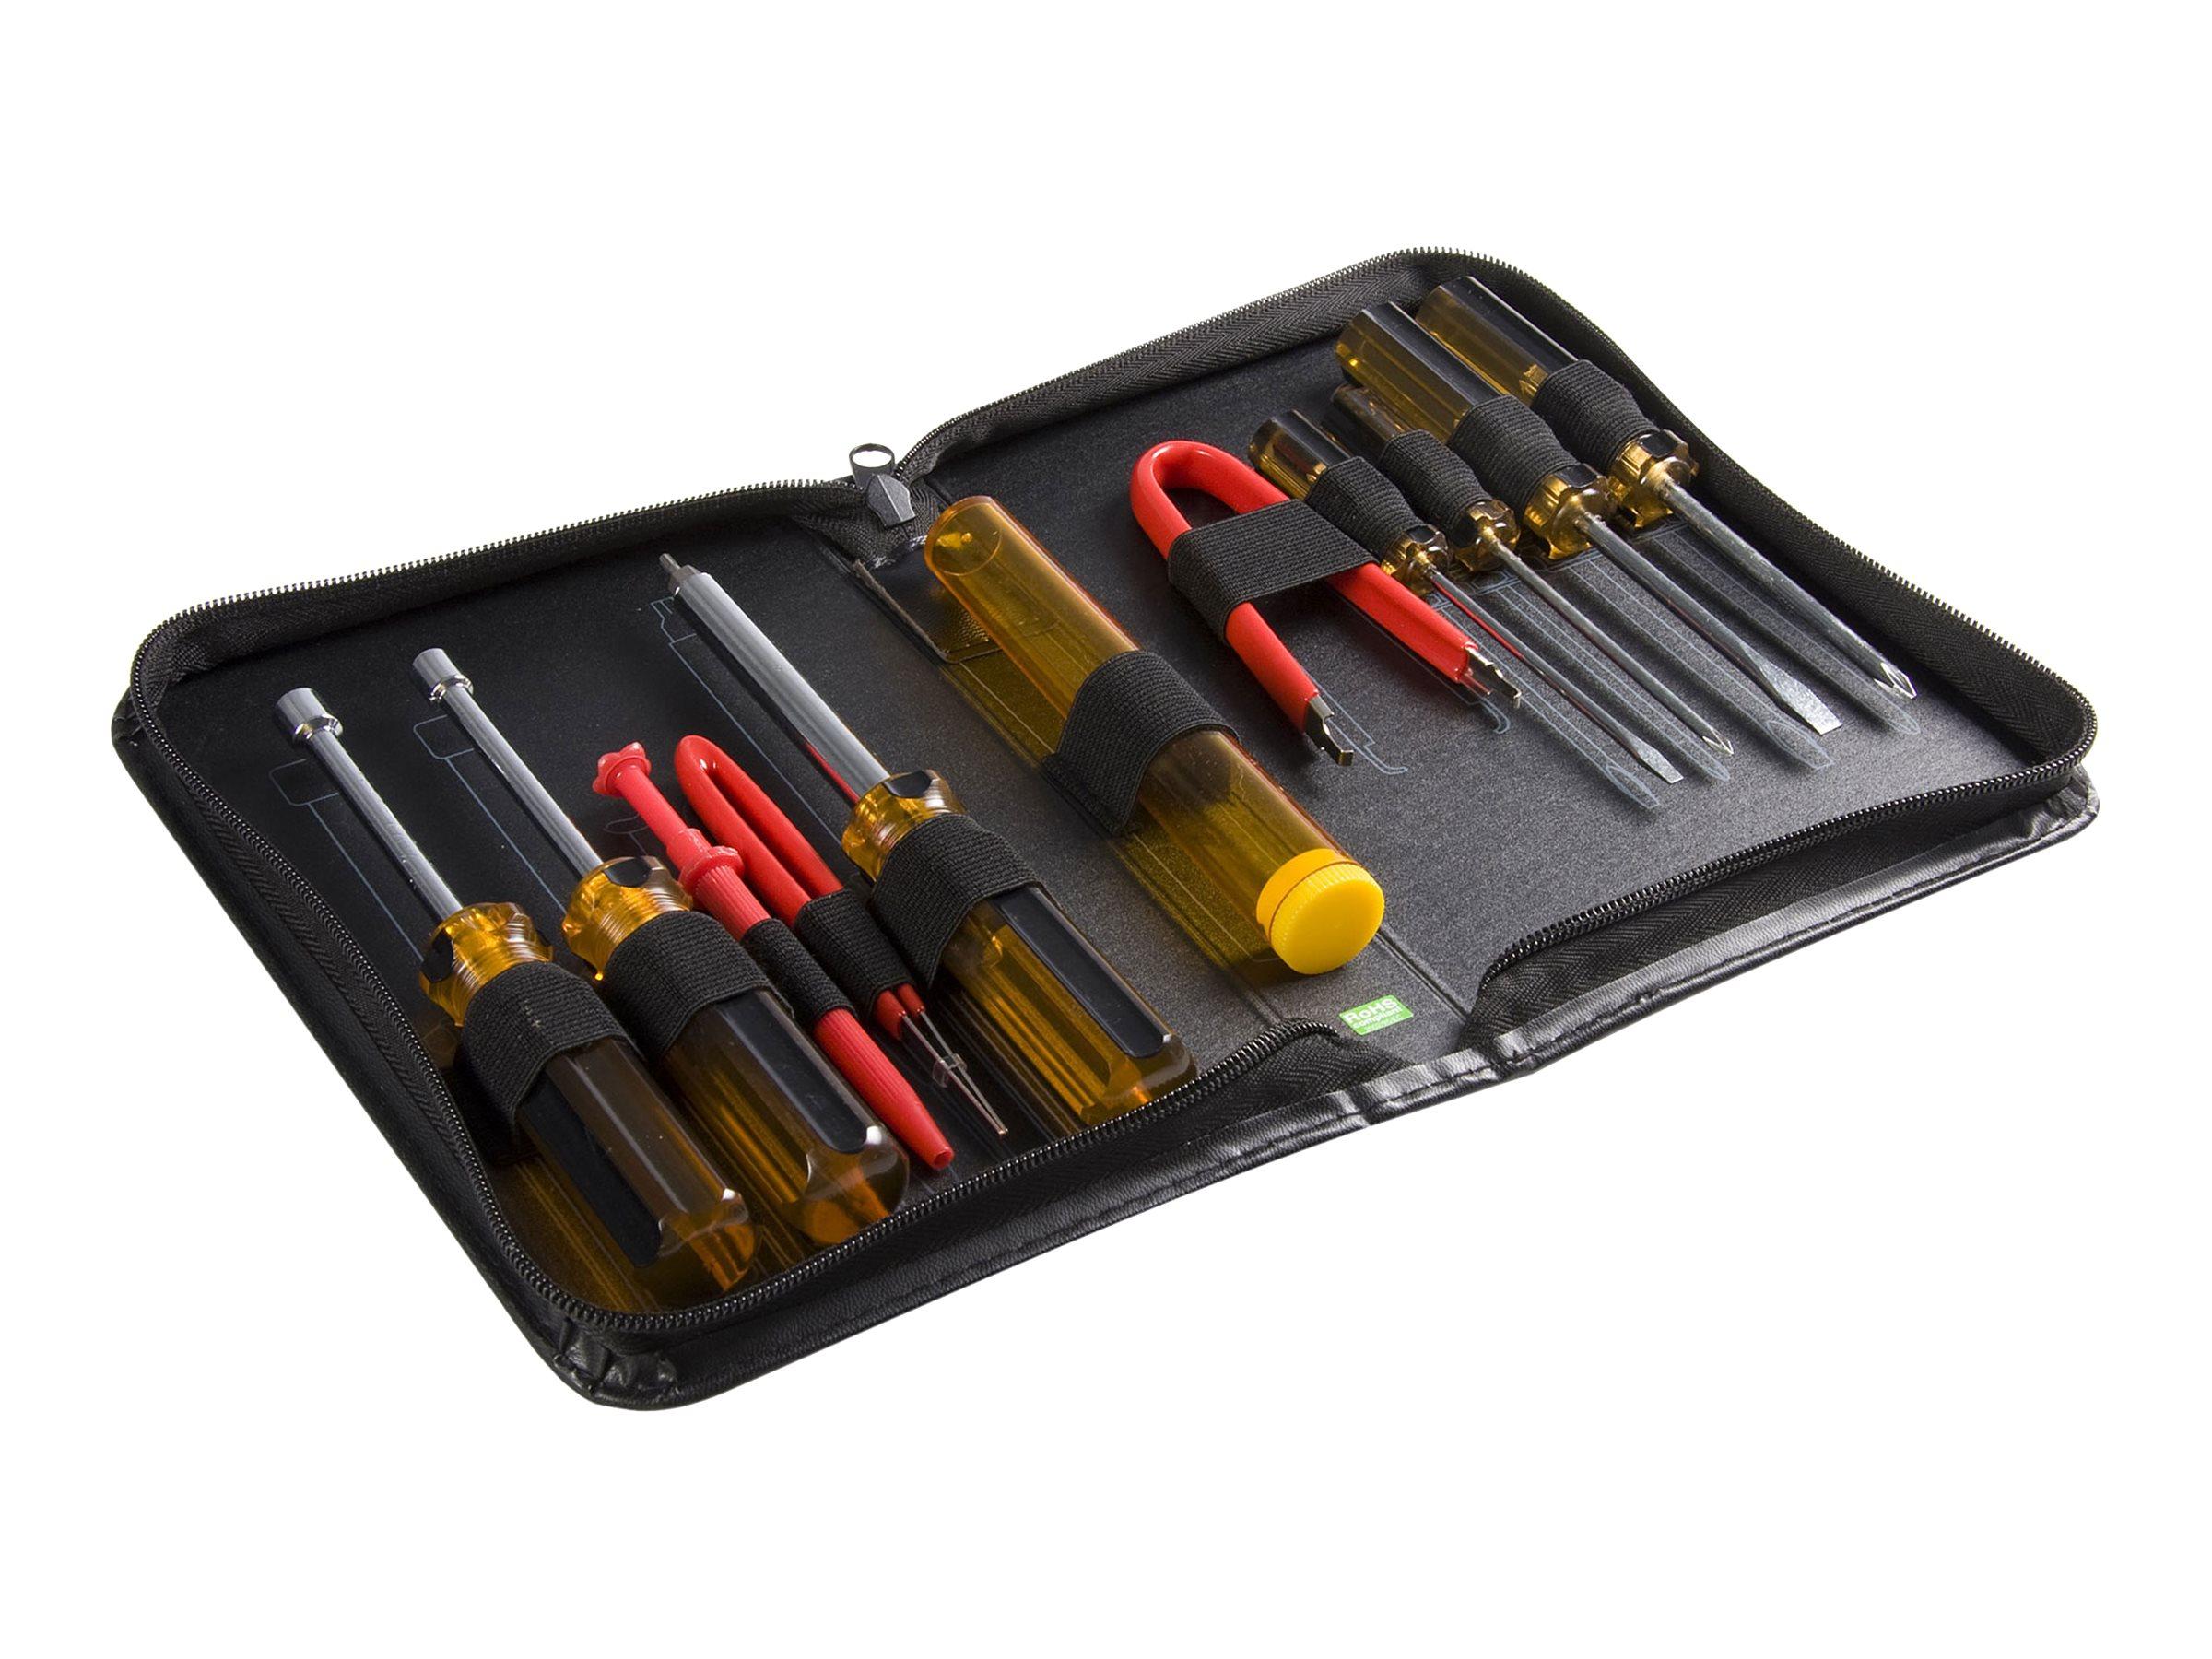 StarTech.com Computer Werkzeugset für die Reparatur von PC / Computer Tool Kit - 11 teiliges Werkzeug Set im Etui - Werkzeugsatz